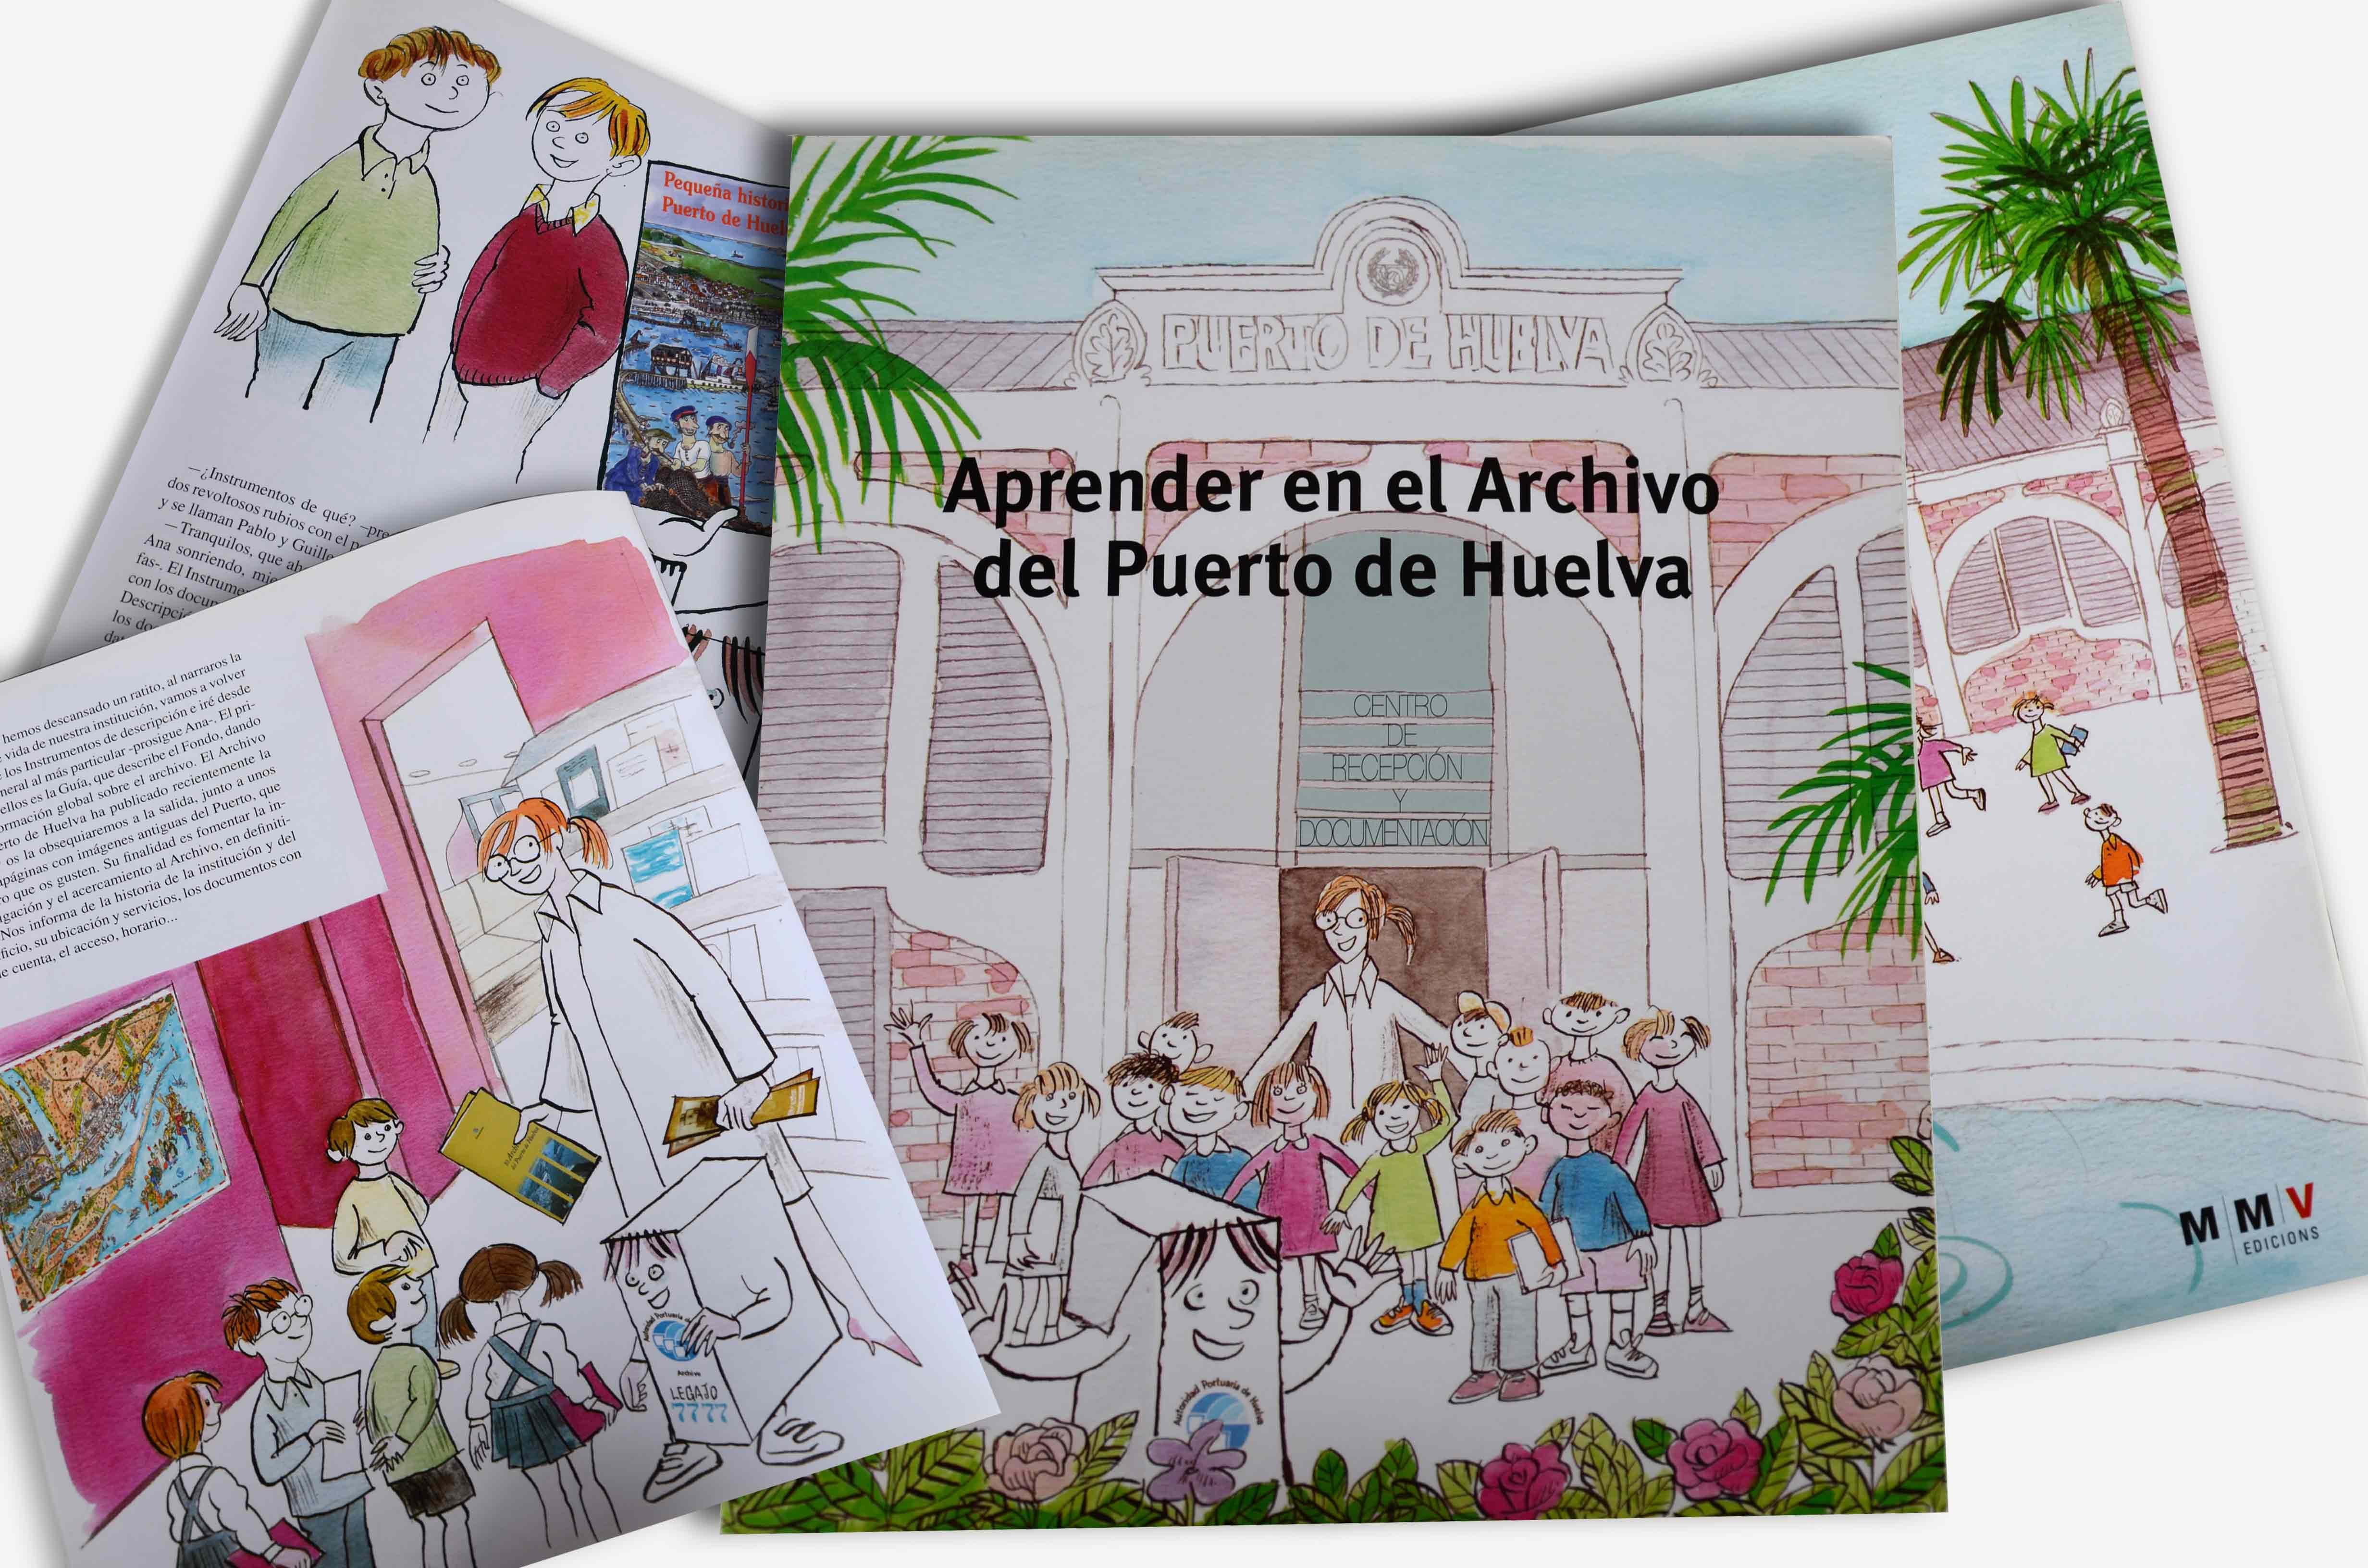 Archivo Puerto de Huelva